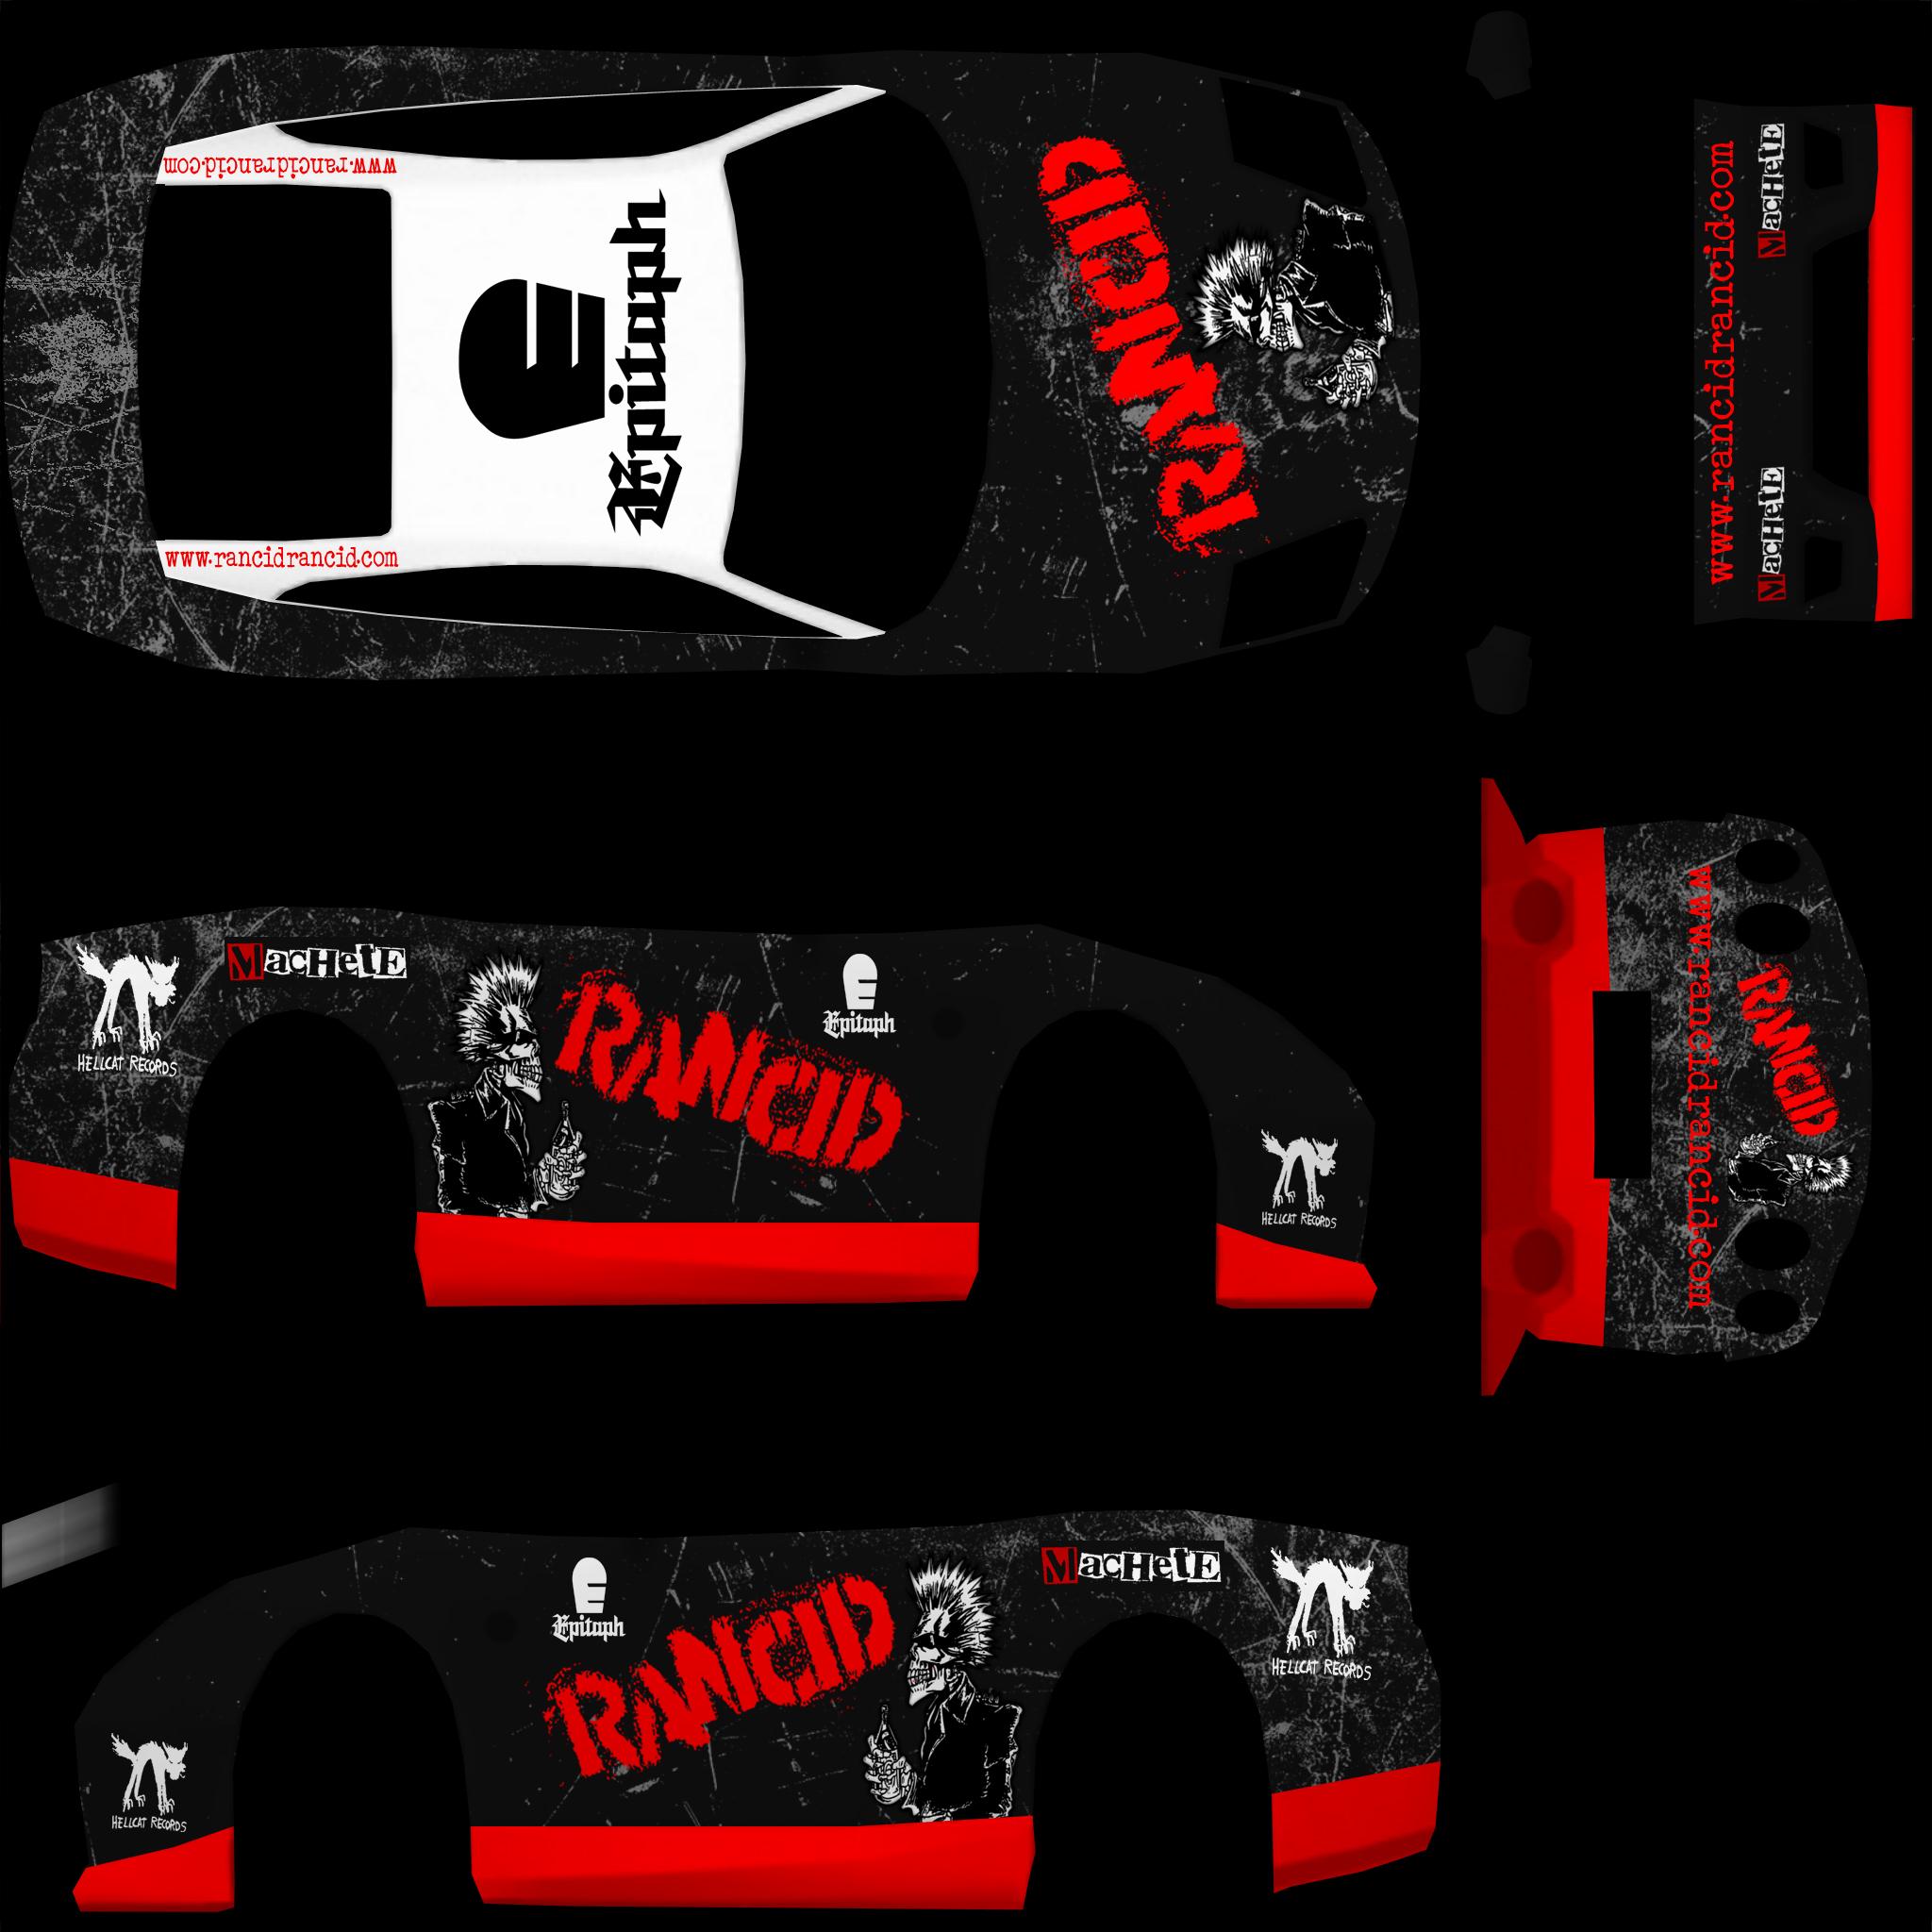 Fz50 171 Bean0 Com Car Skins For Live For Speed Assetto